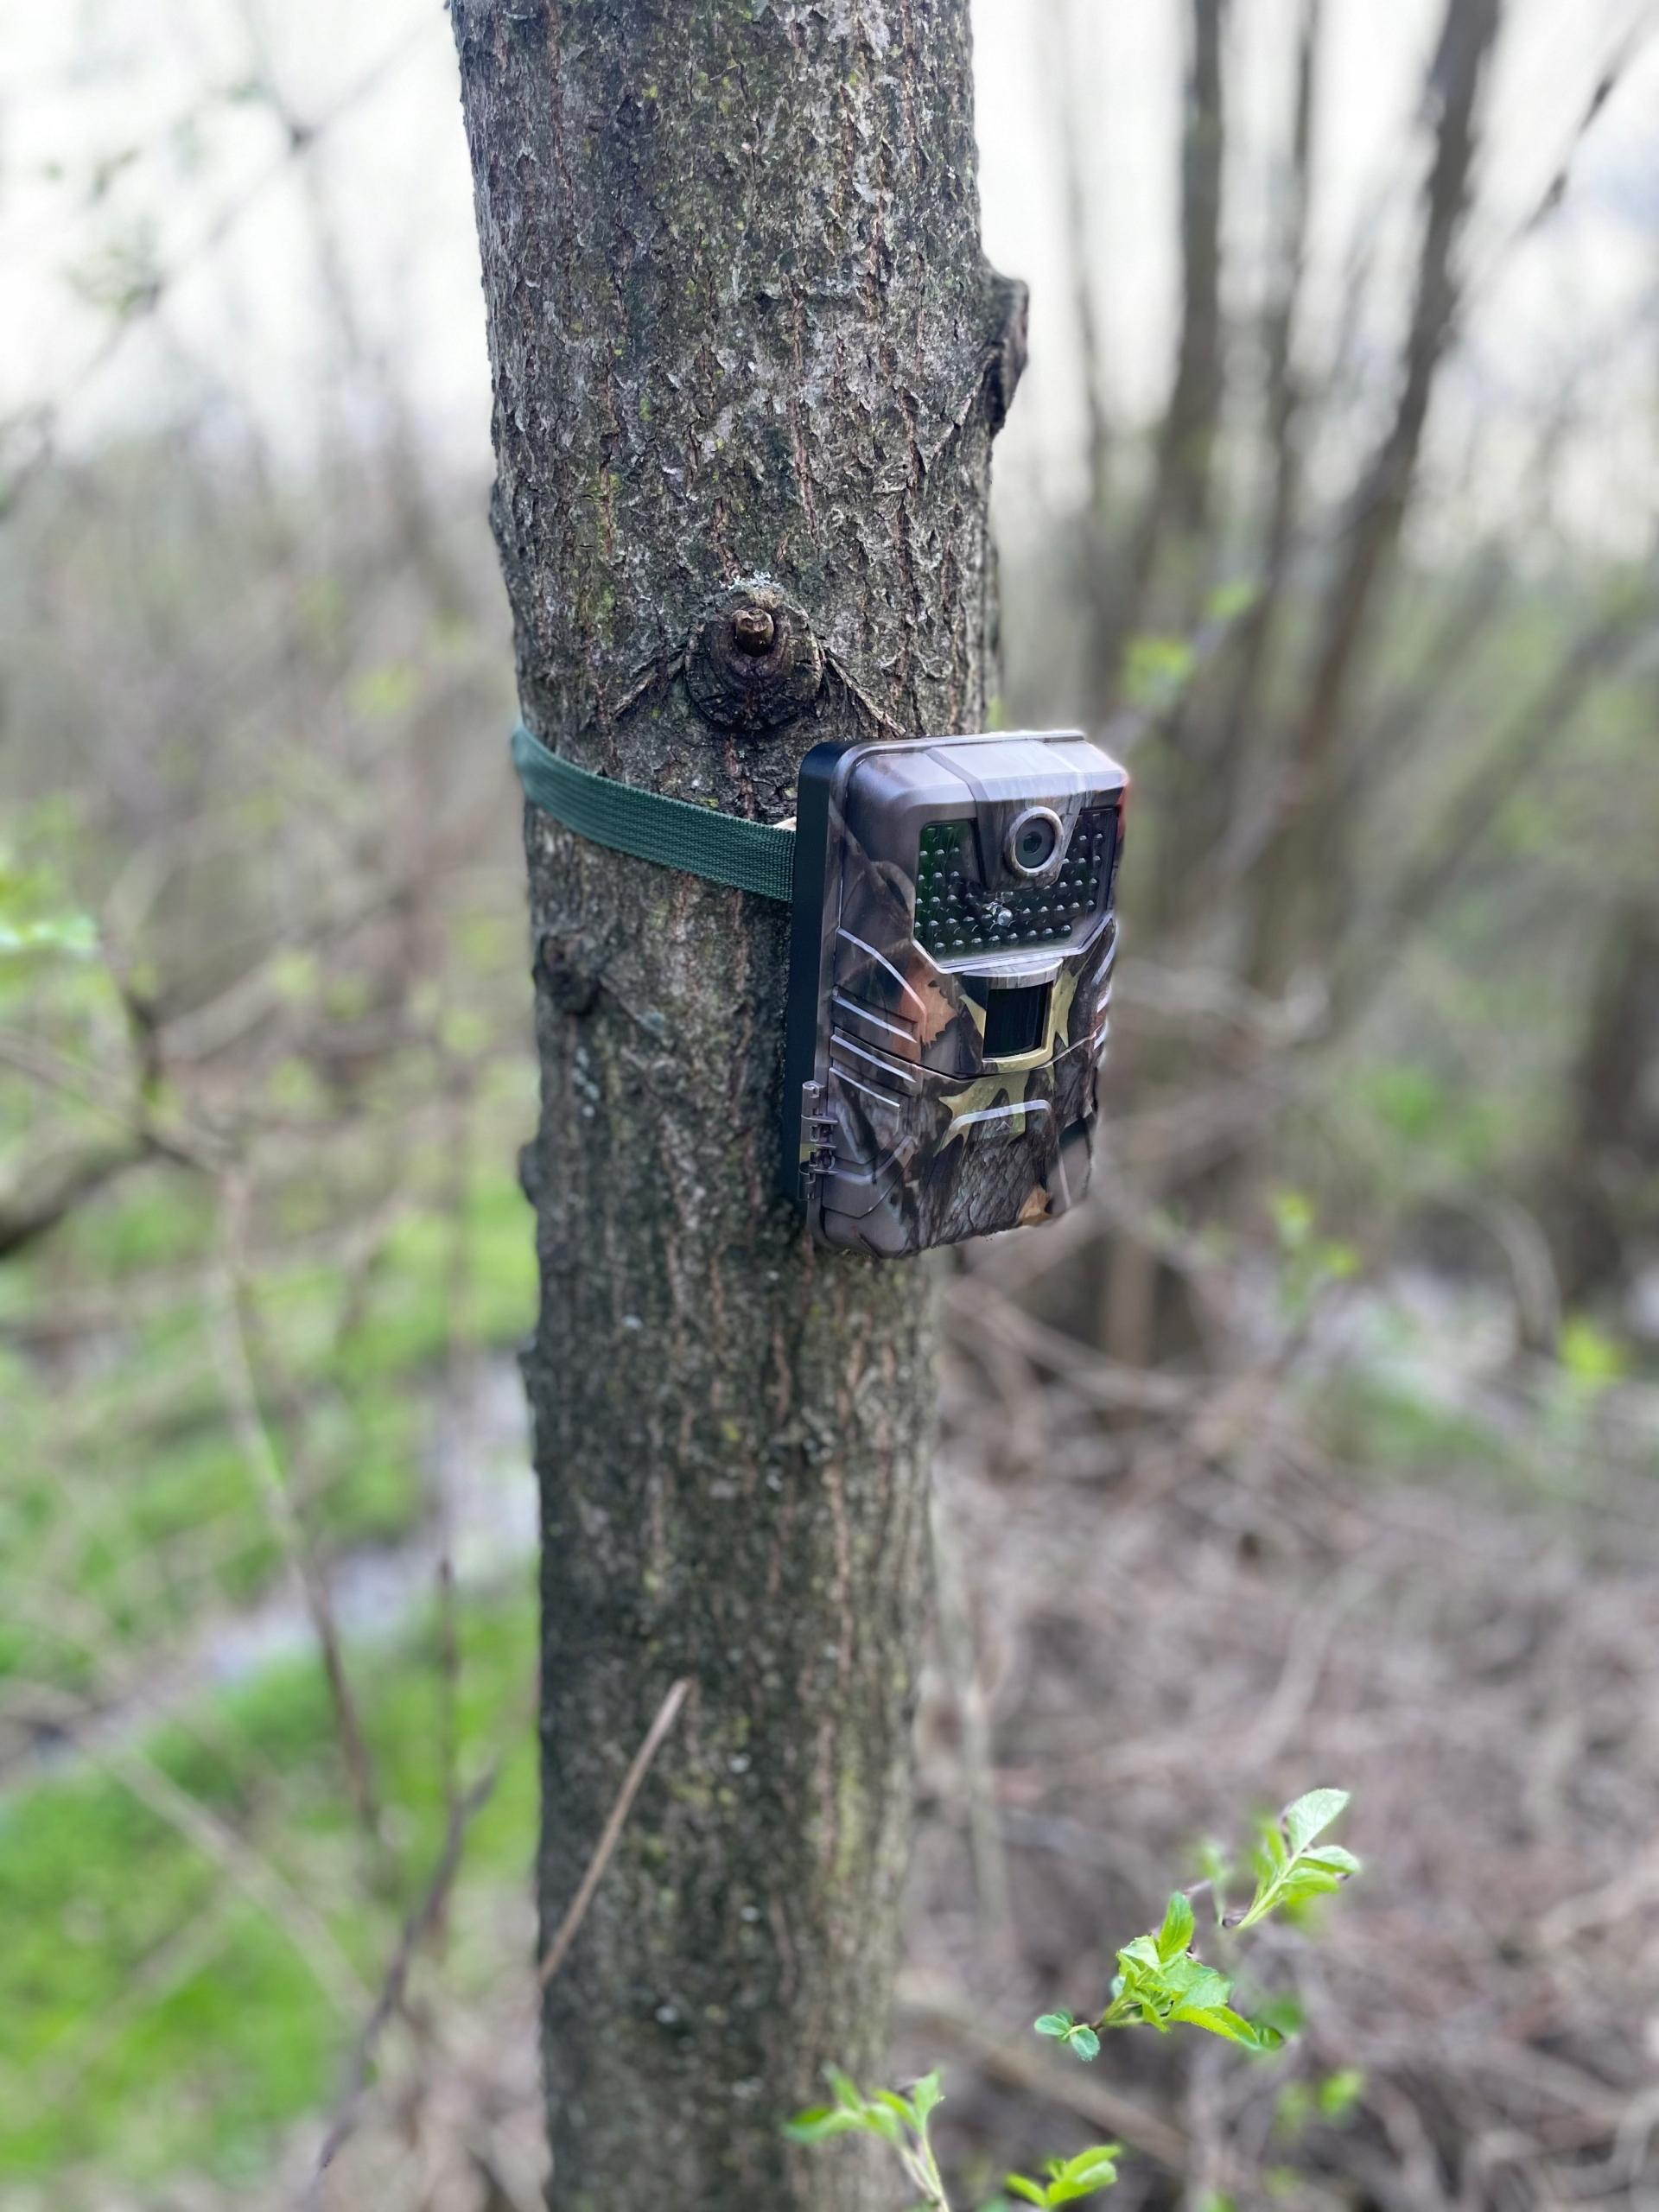 Kamera Leśna TOPHUNT FOTOPUŁAPKA 2.7K POLSKI 44xIR Prędkość wyzwalania 0.3 s